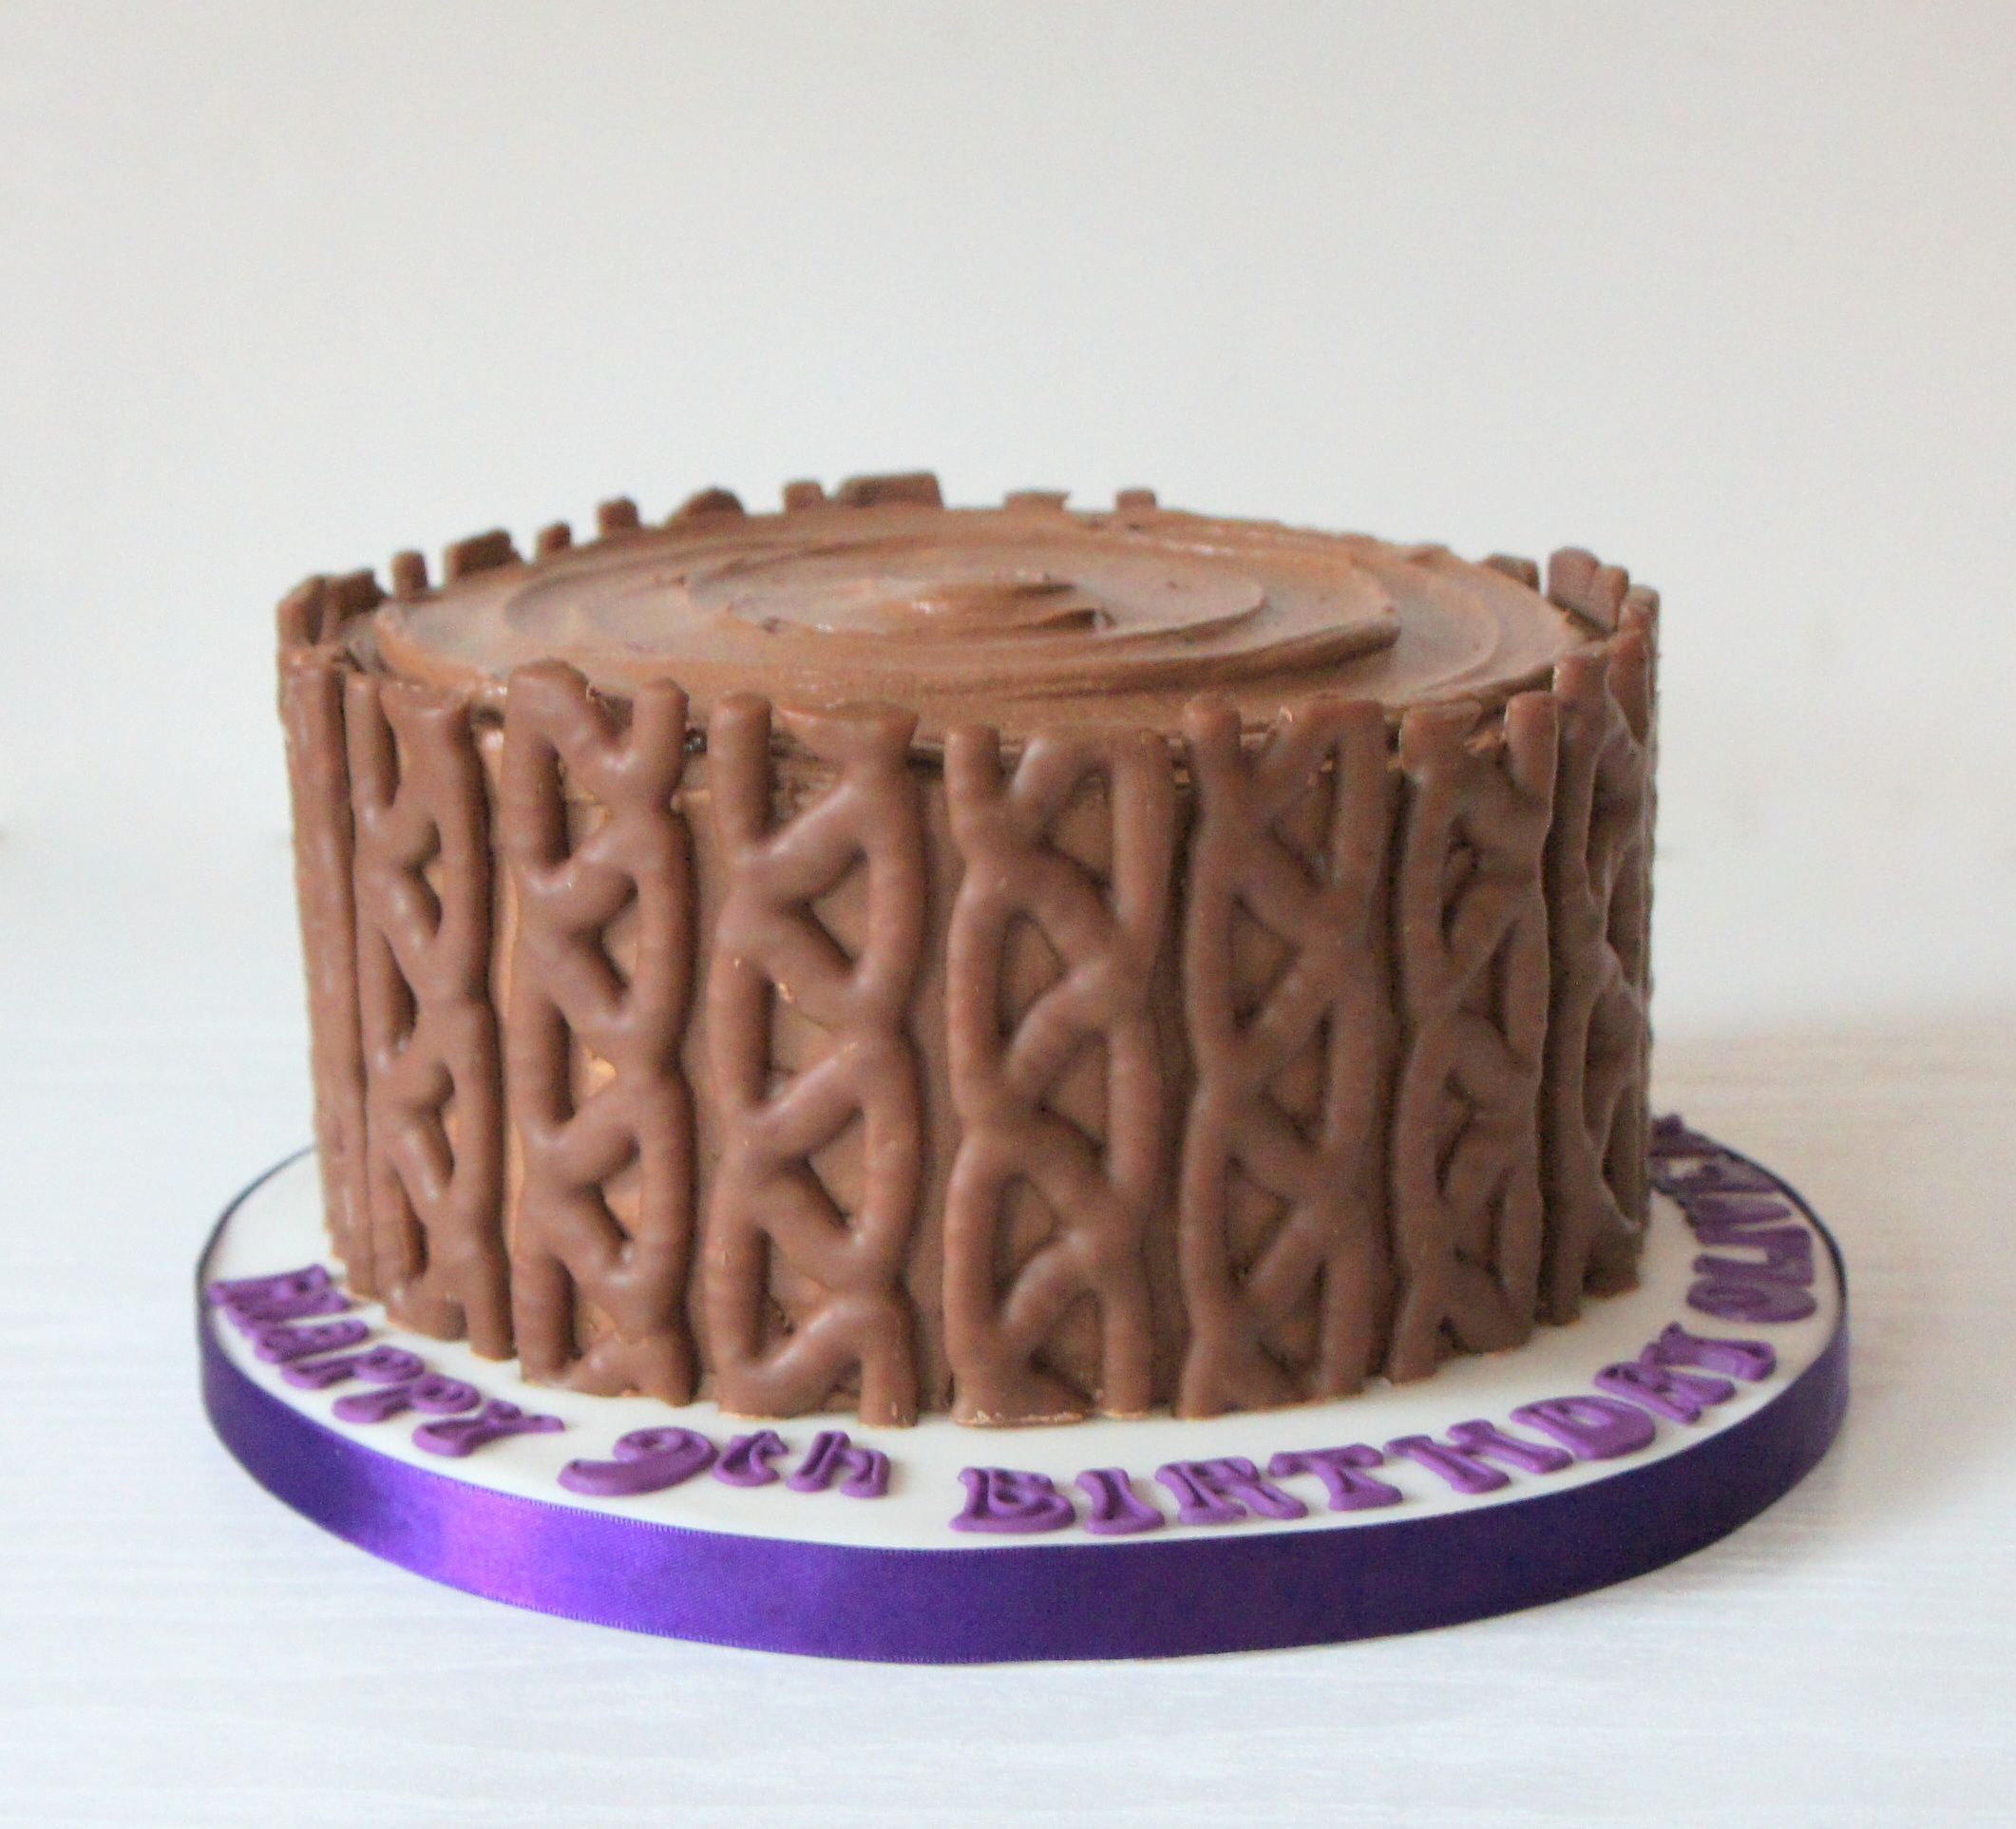 Cadbury chocolate cake recipe uk